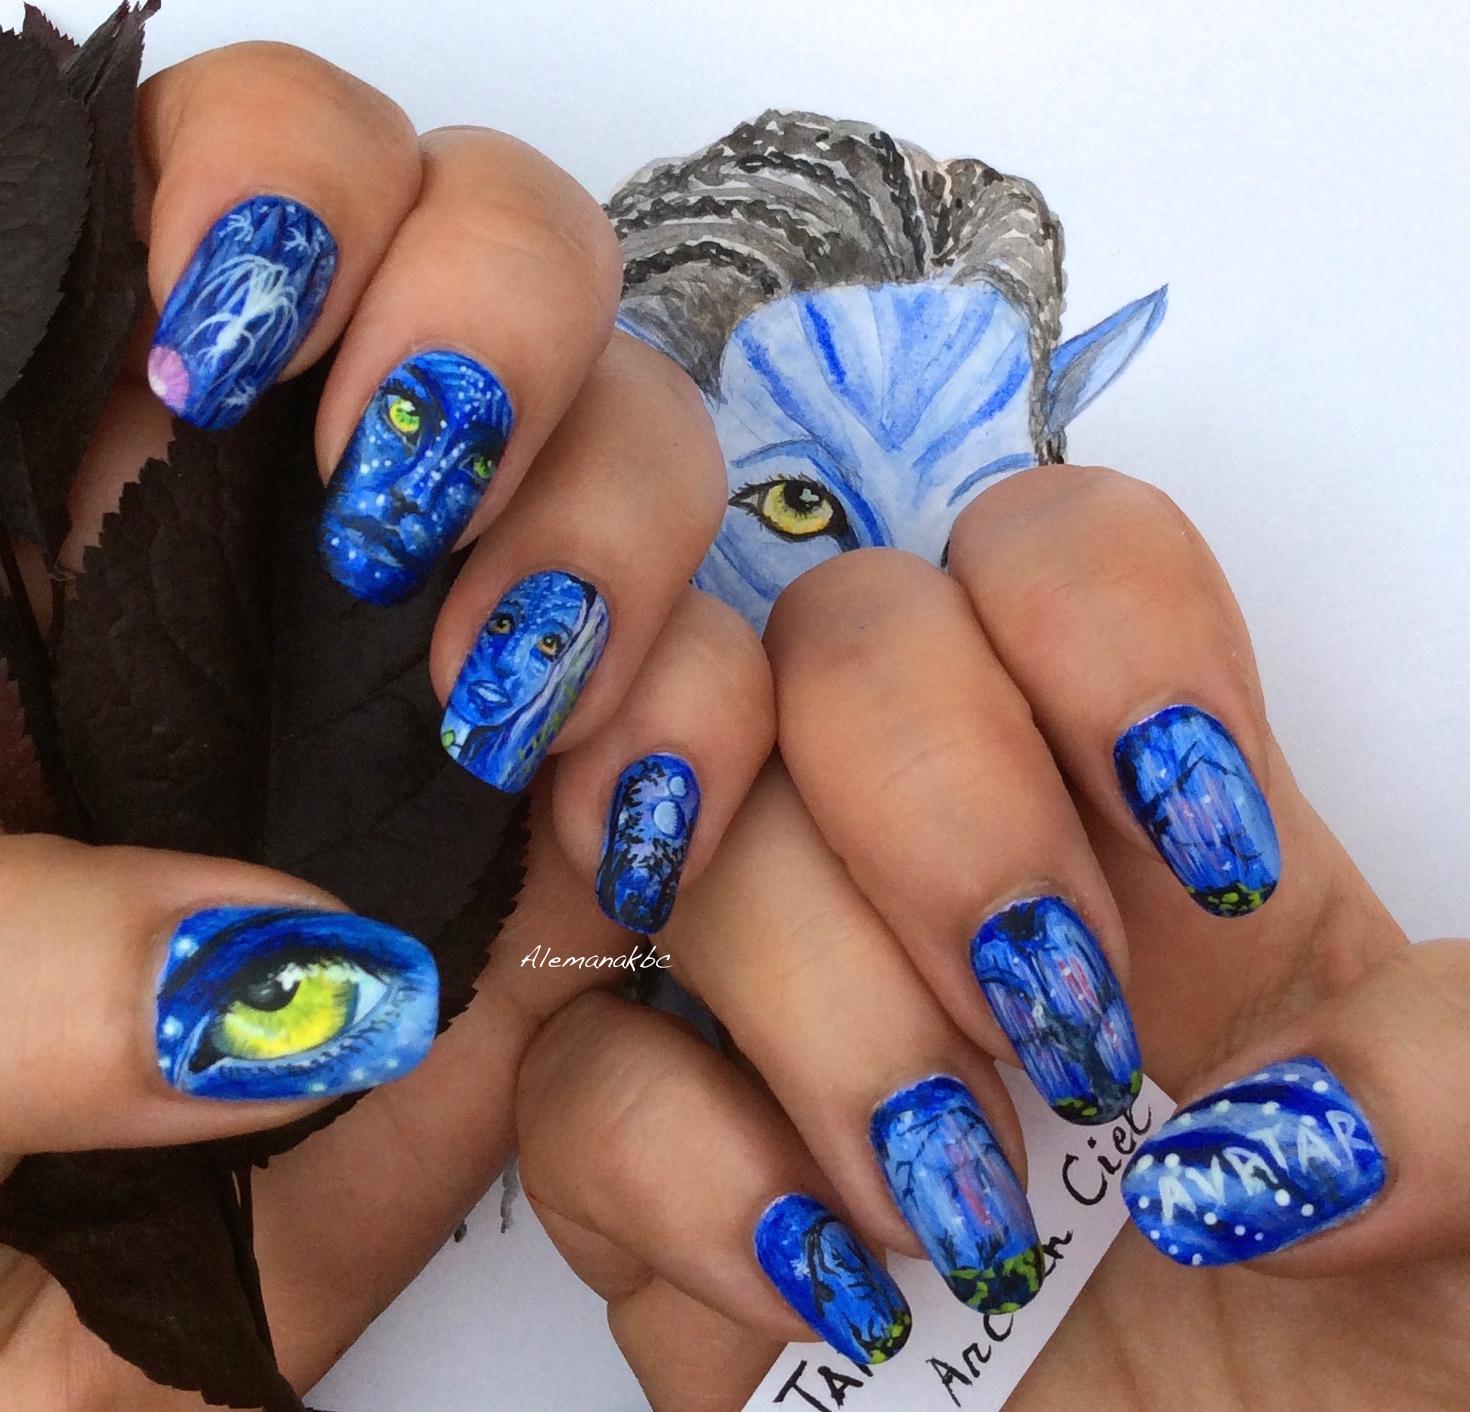 Q Riouser Q Riouser Nail Art: Nail Art By Alemanakbc